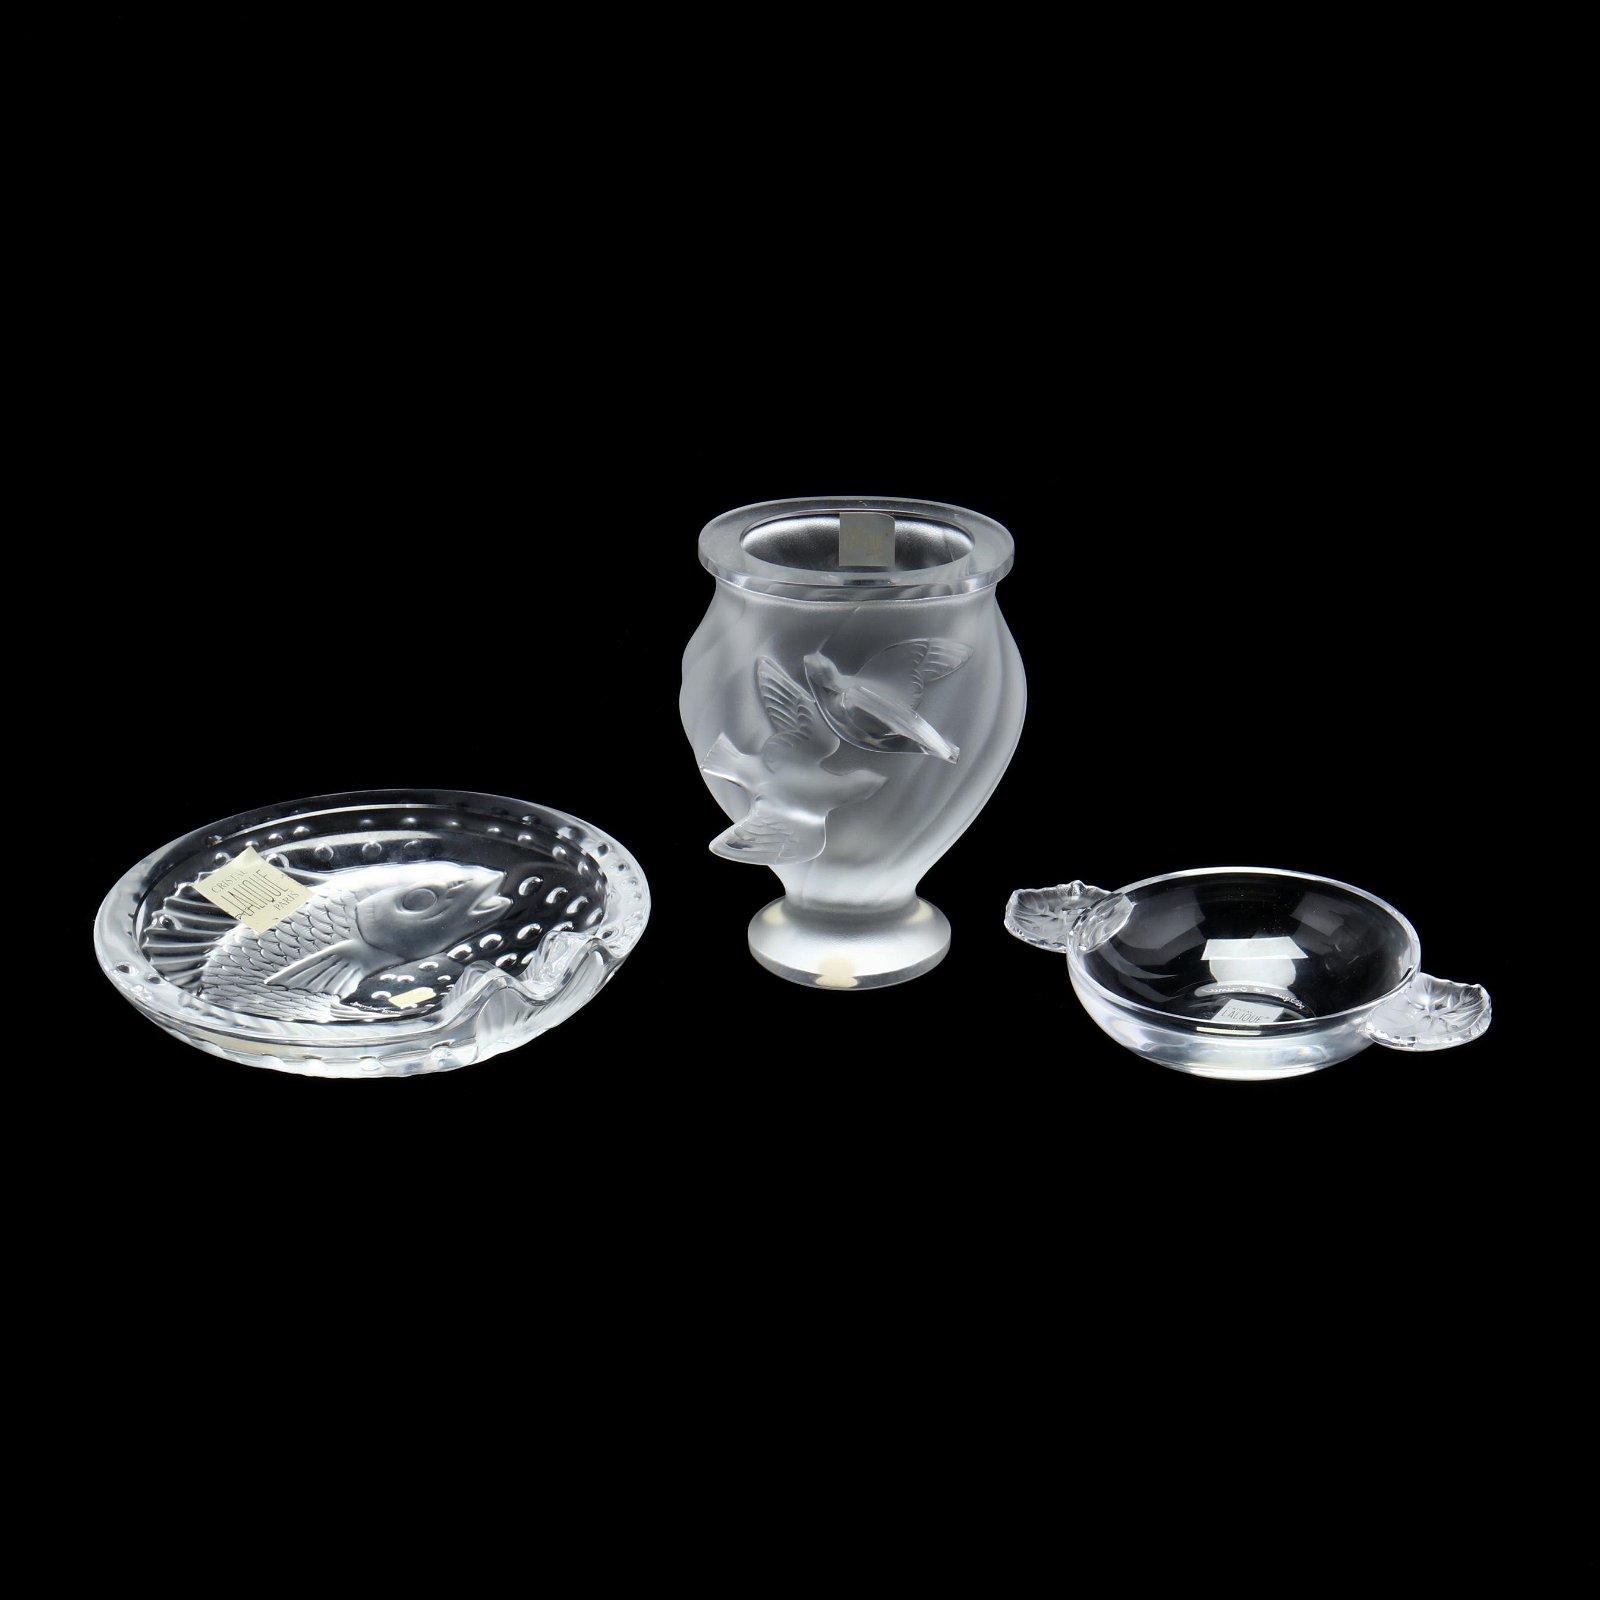 Three Pieces of Lalique Crystal